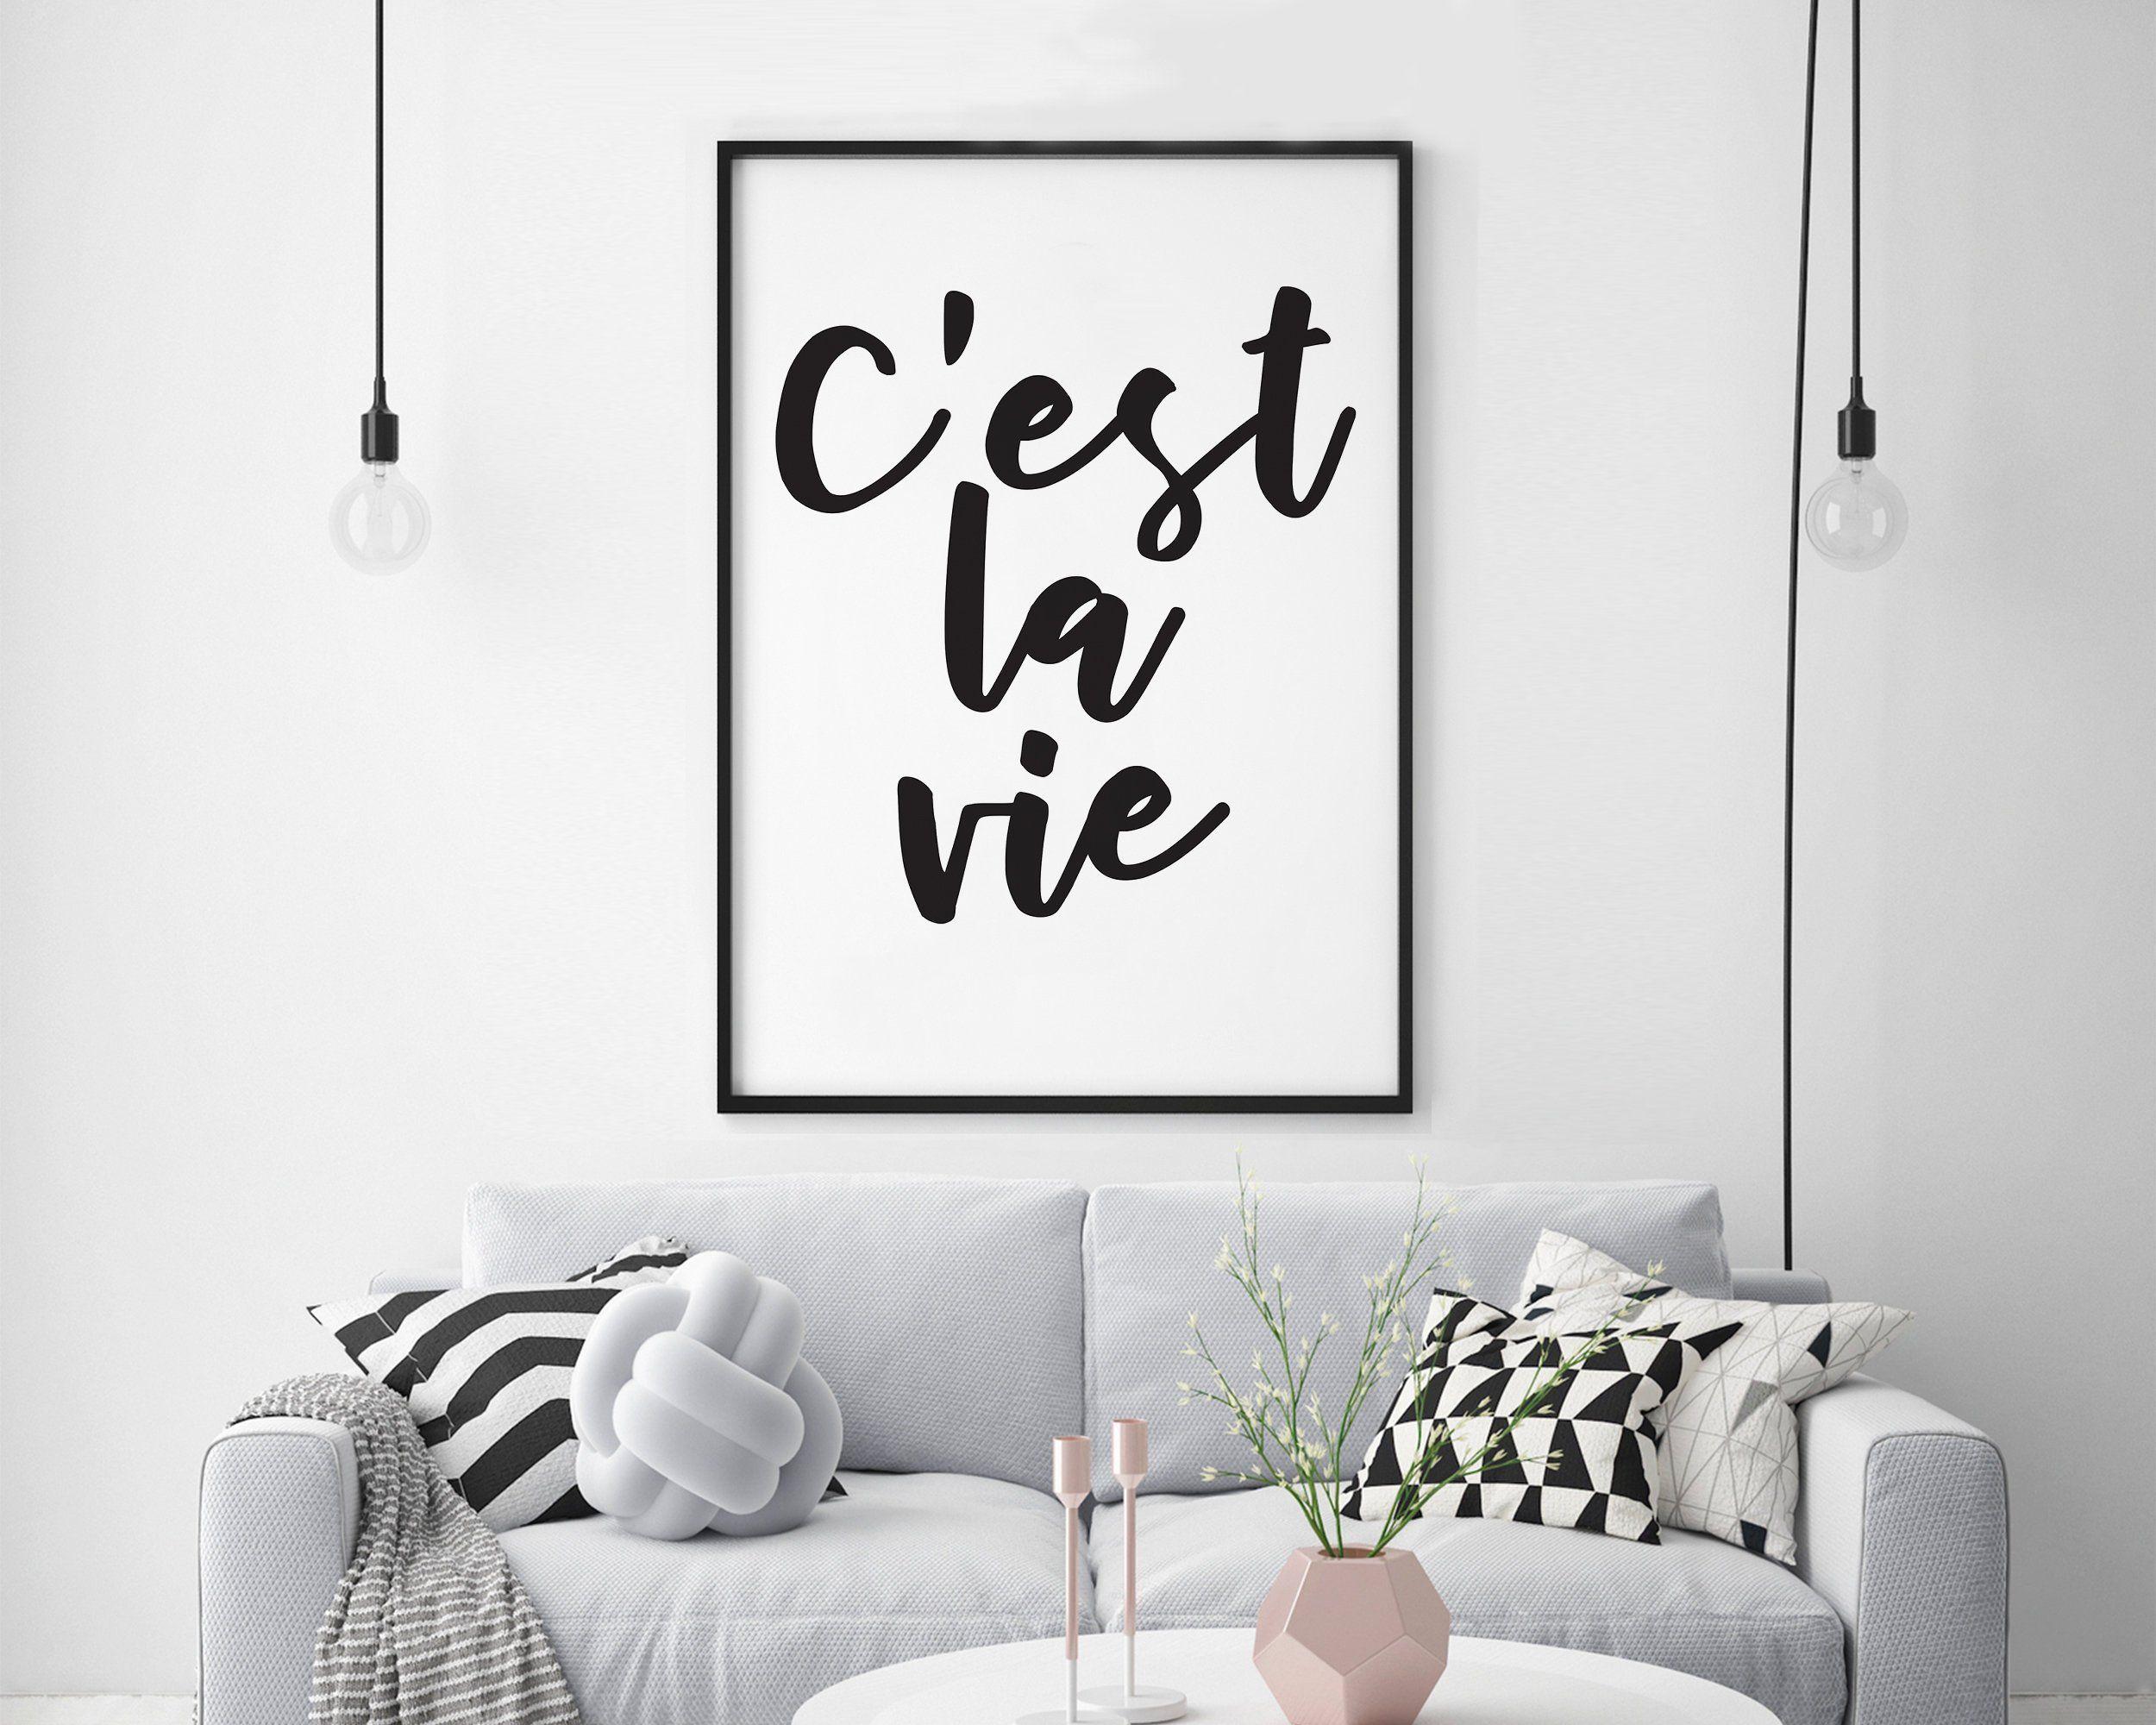 Cest La Vie Print - Cest La Vie Wall Art